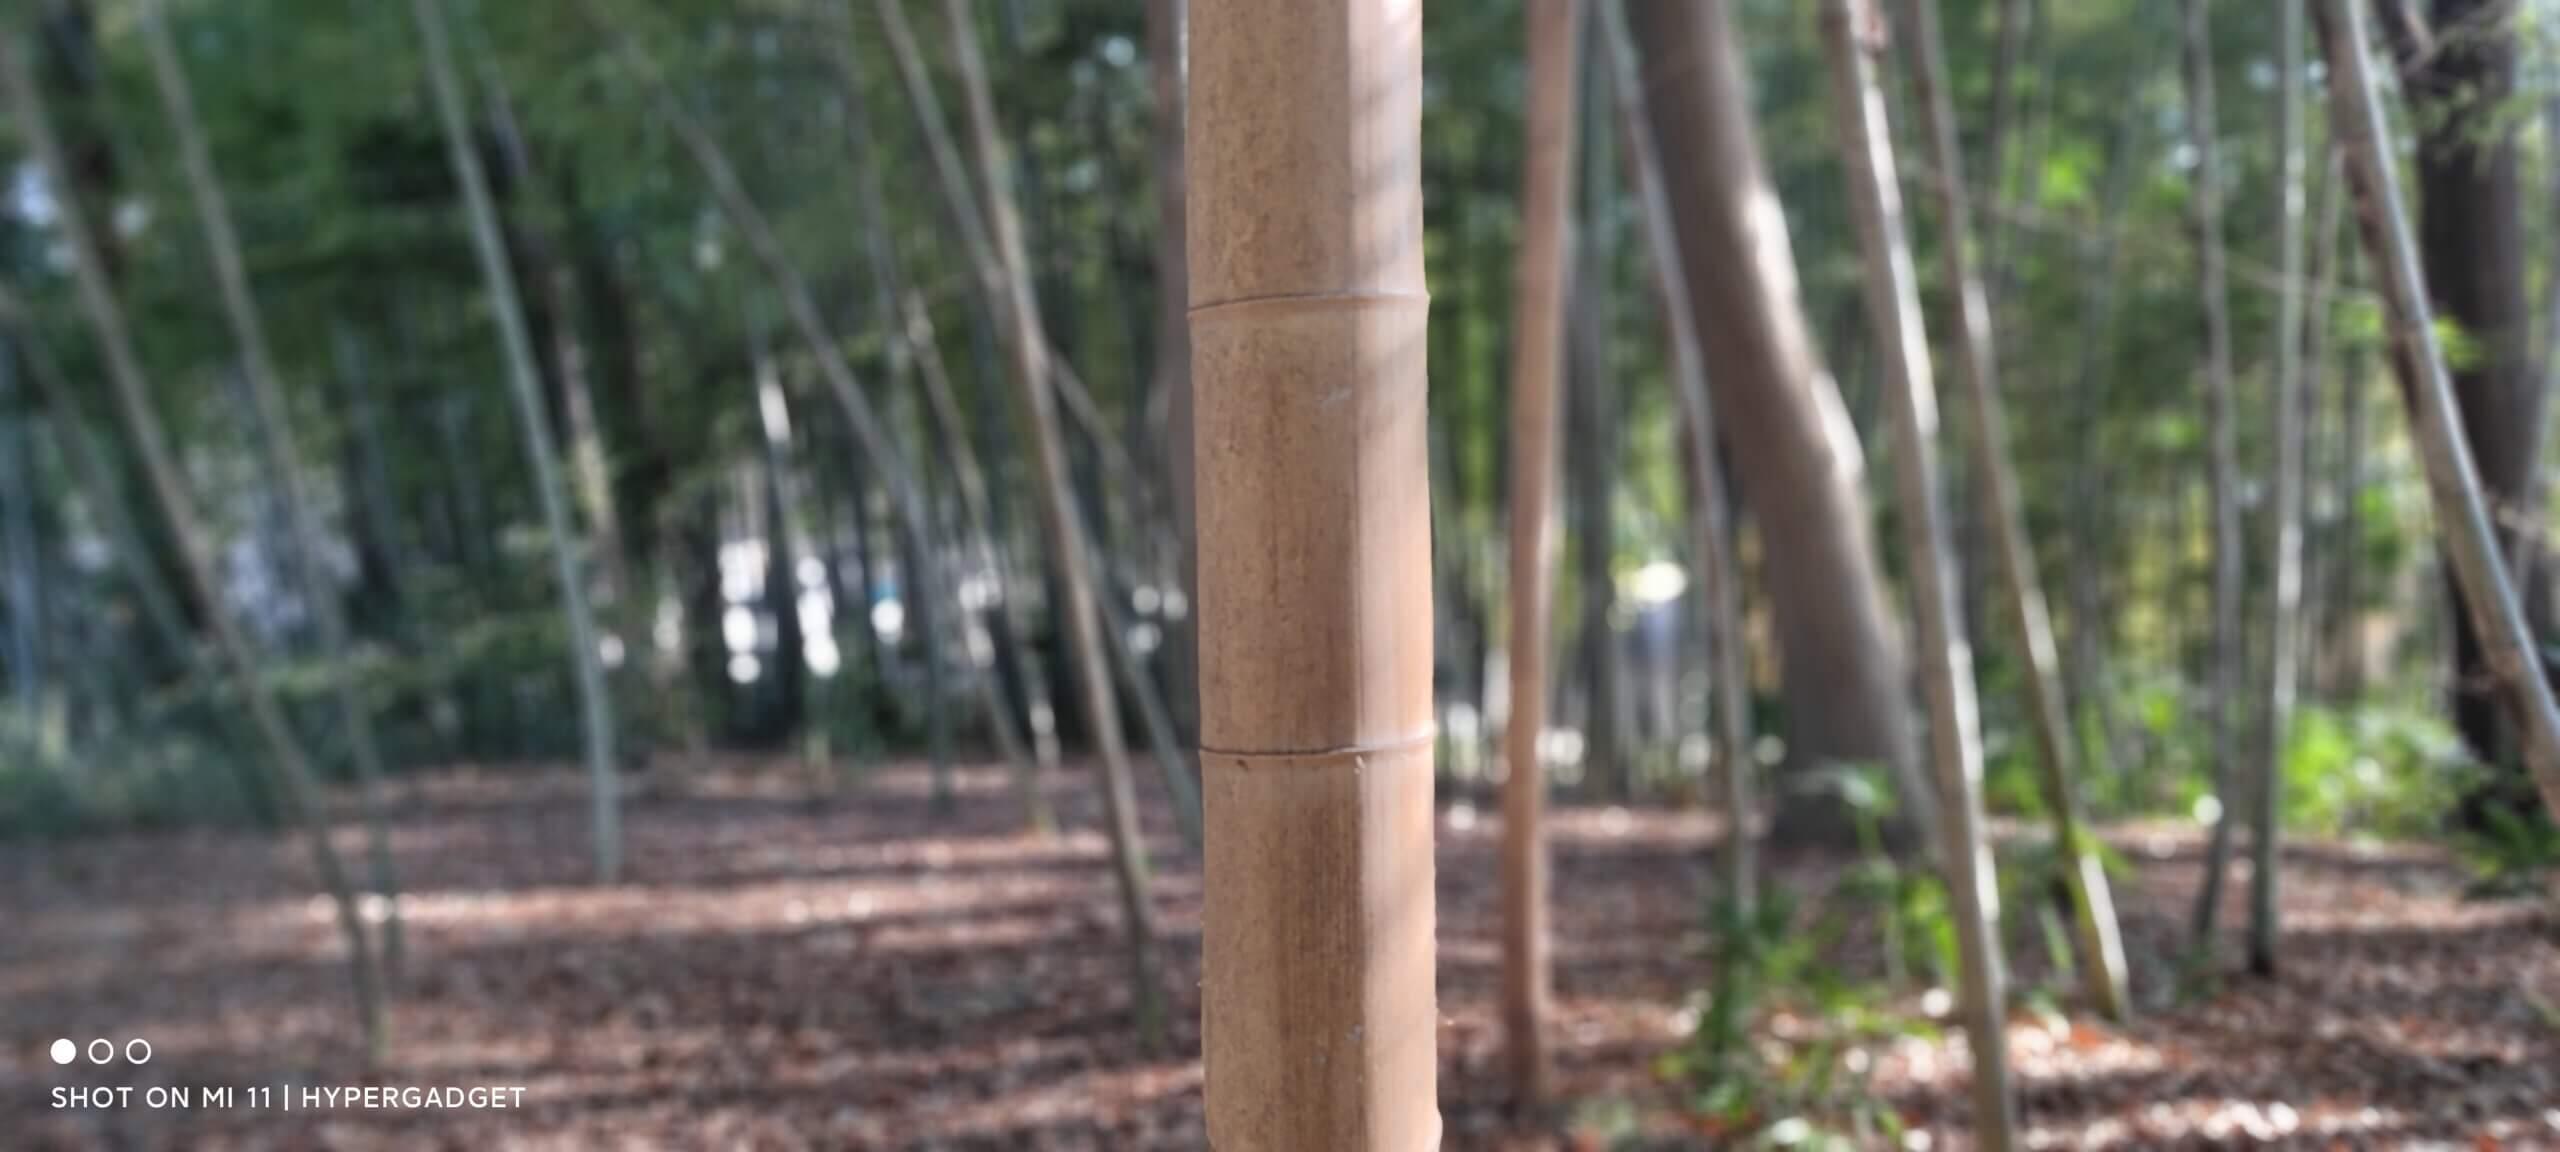 Xiaomi Mi 11で撮影した竹林の写真